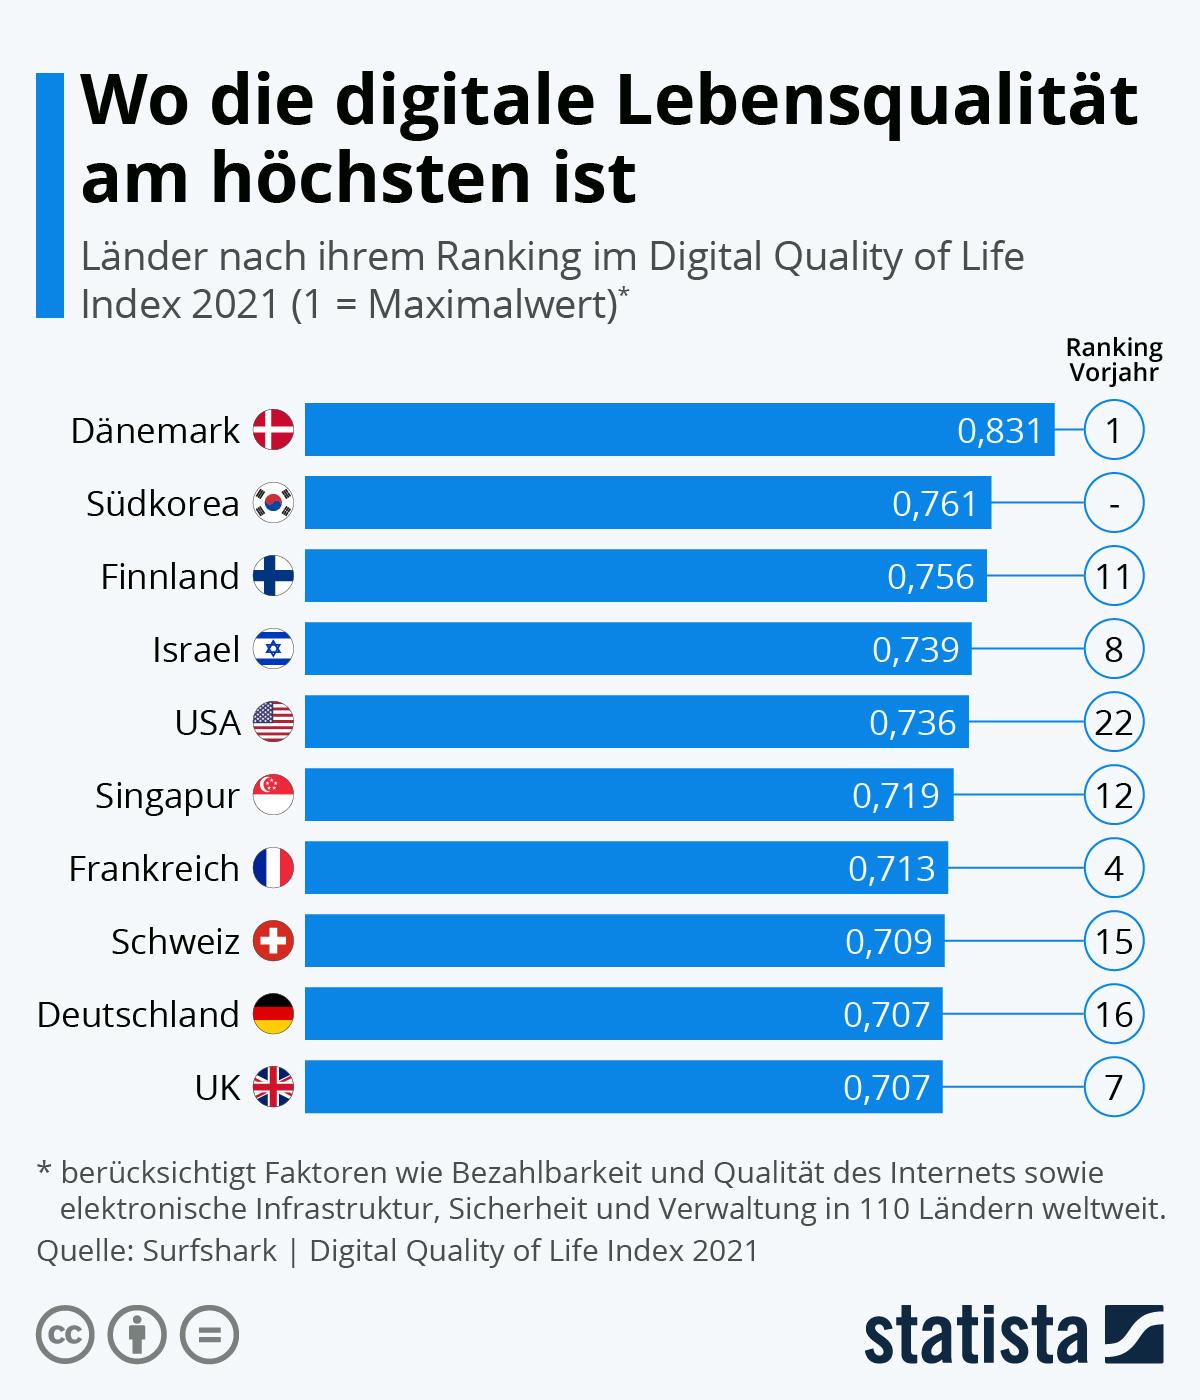 Digitalisierung ist eine offene Baustelle in Deutschland | Statista